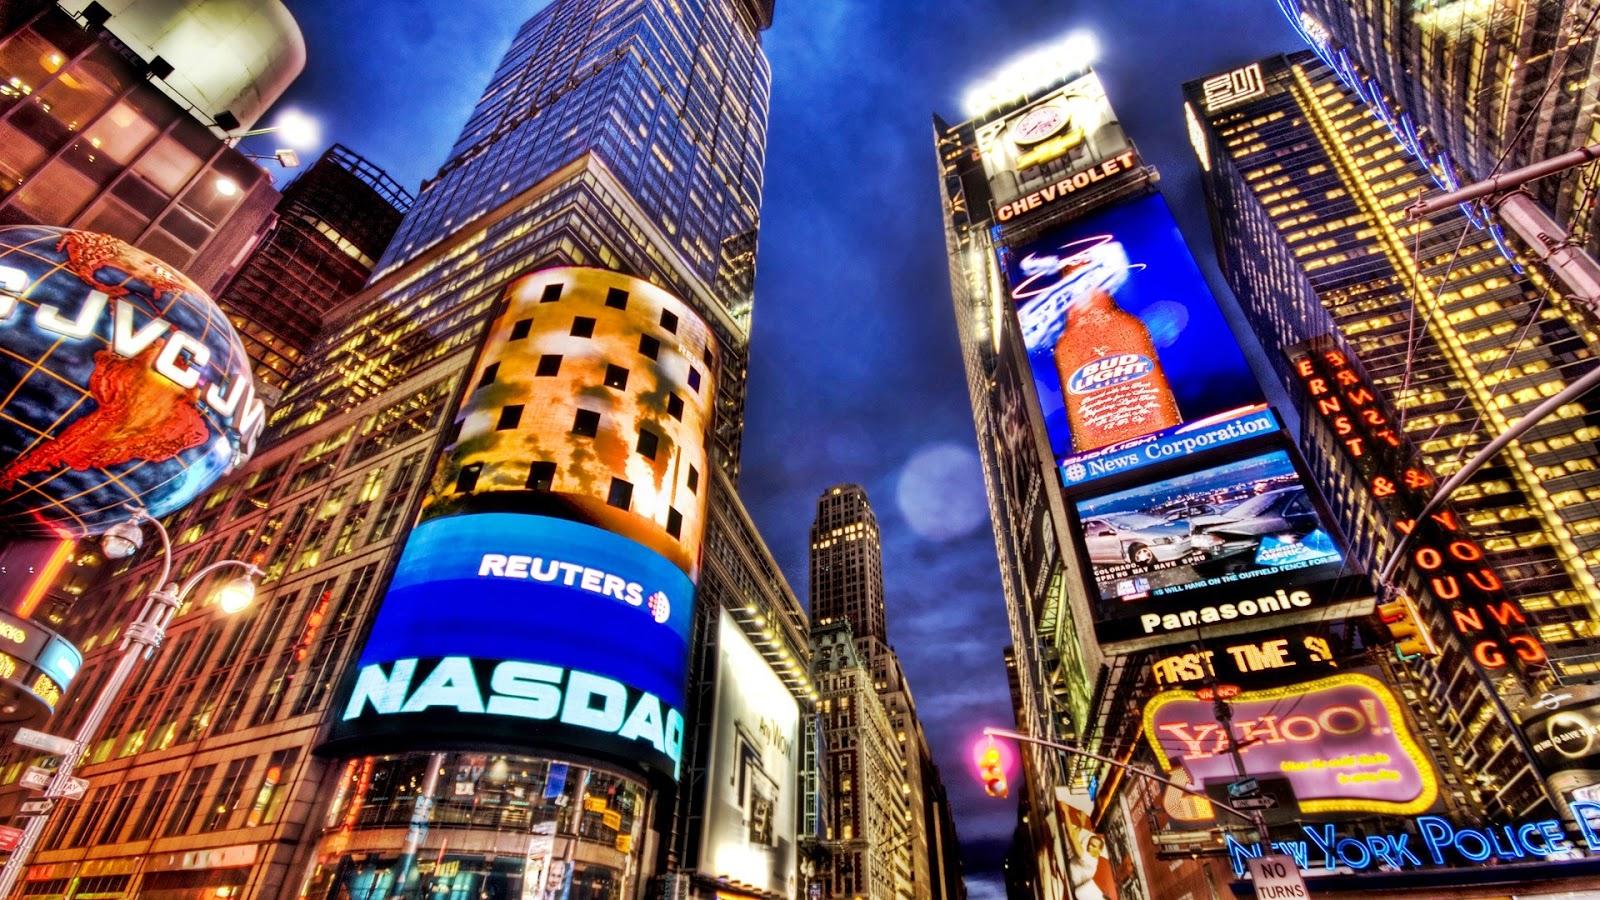 Desarrollo econ mico de los eeuu lll atthenea for New york alloggio economico